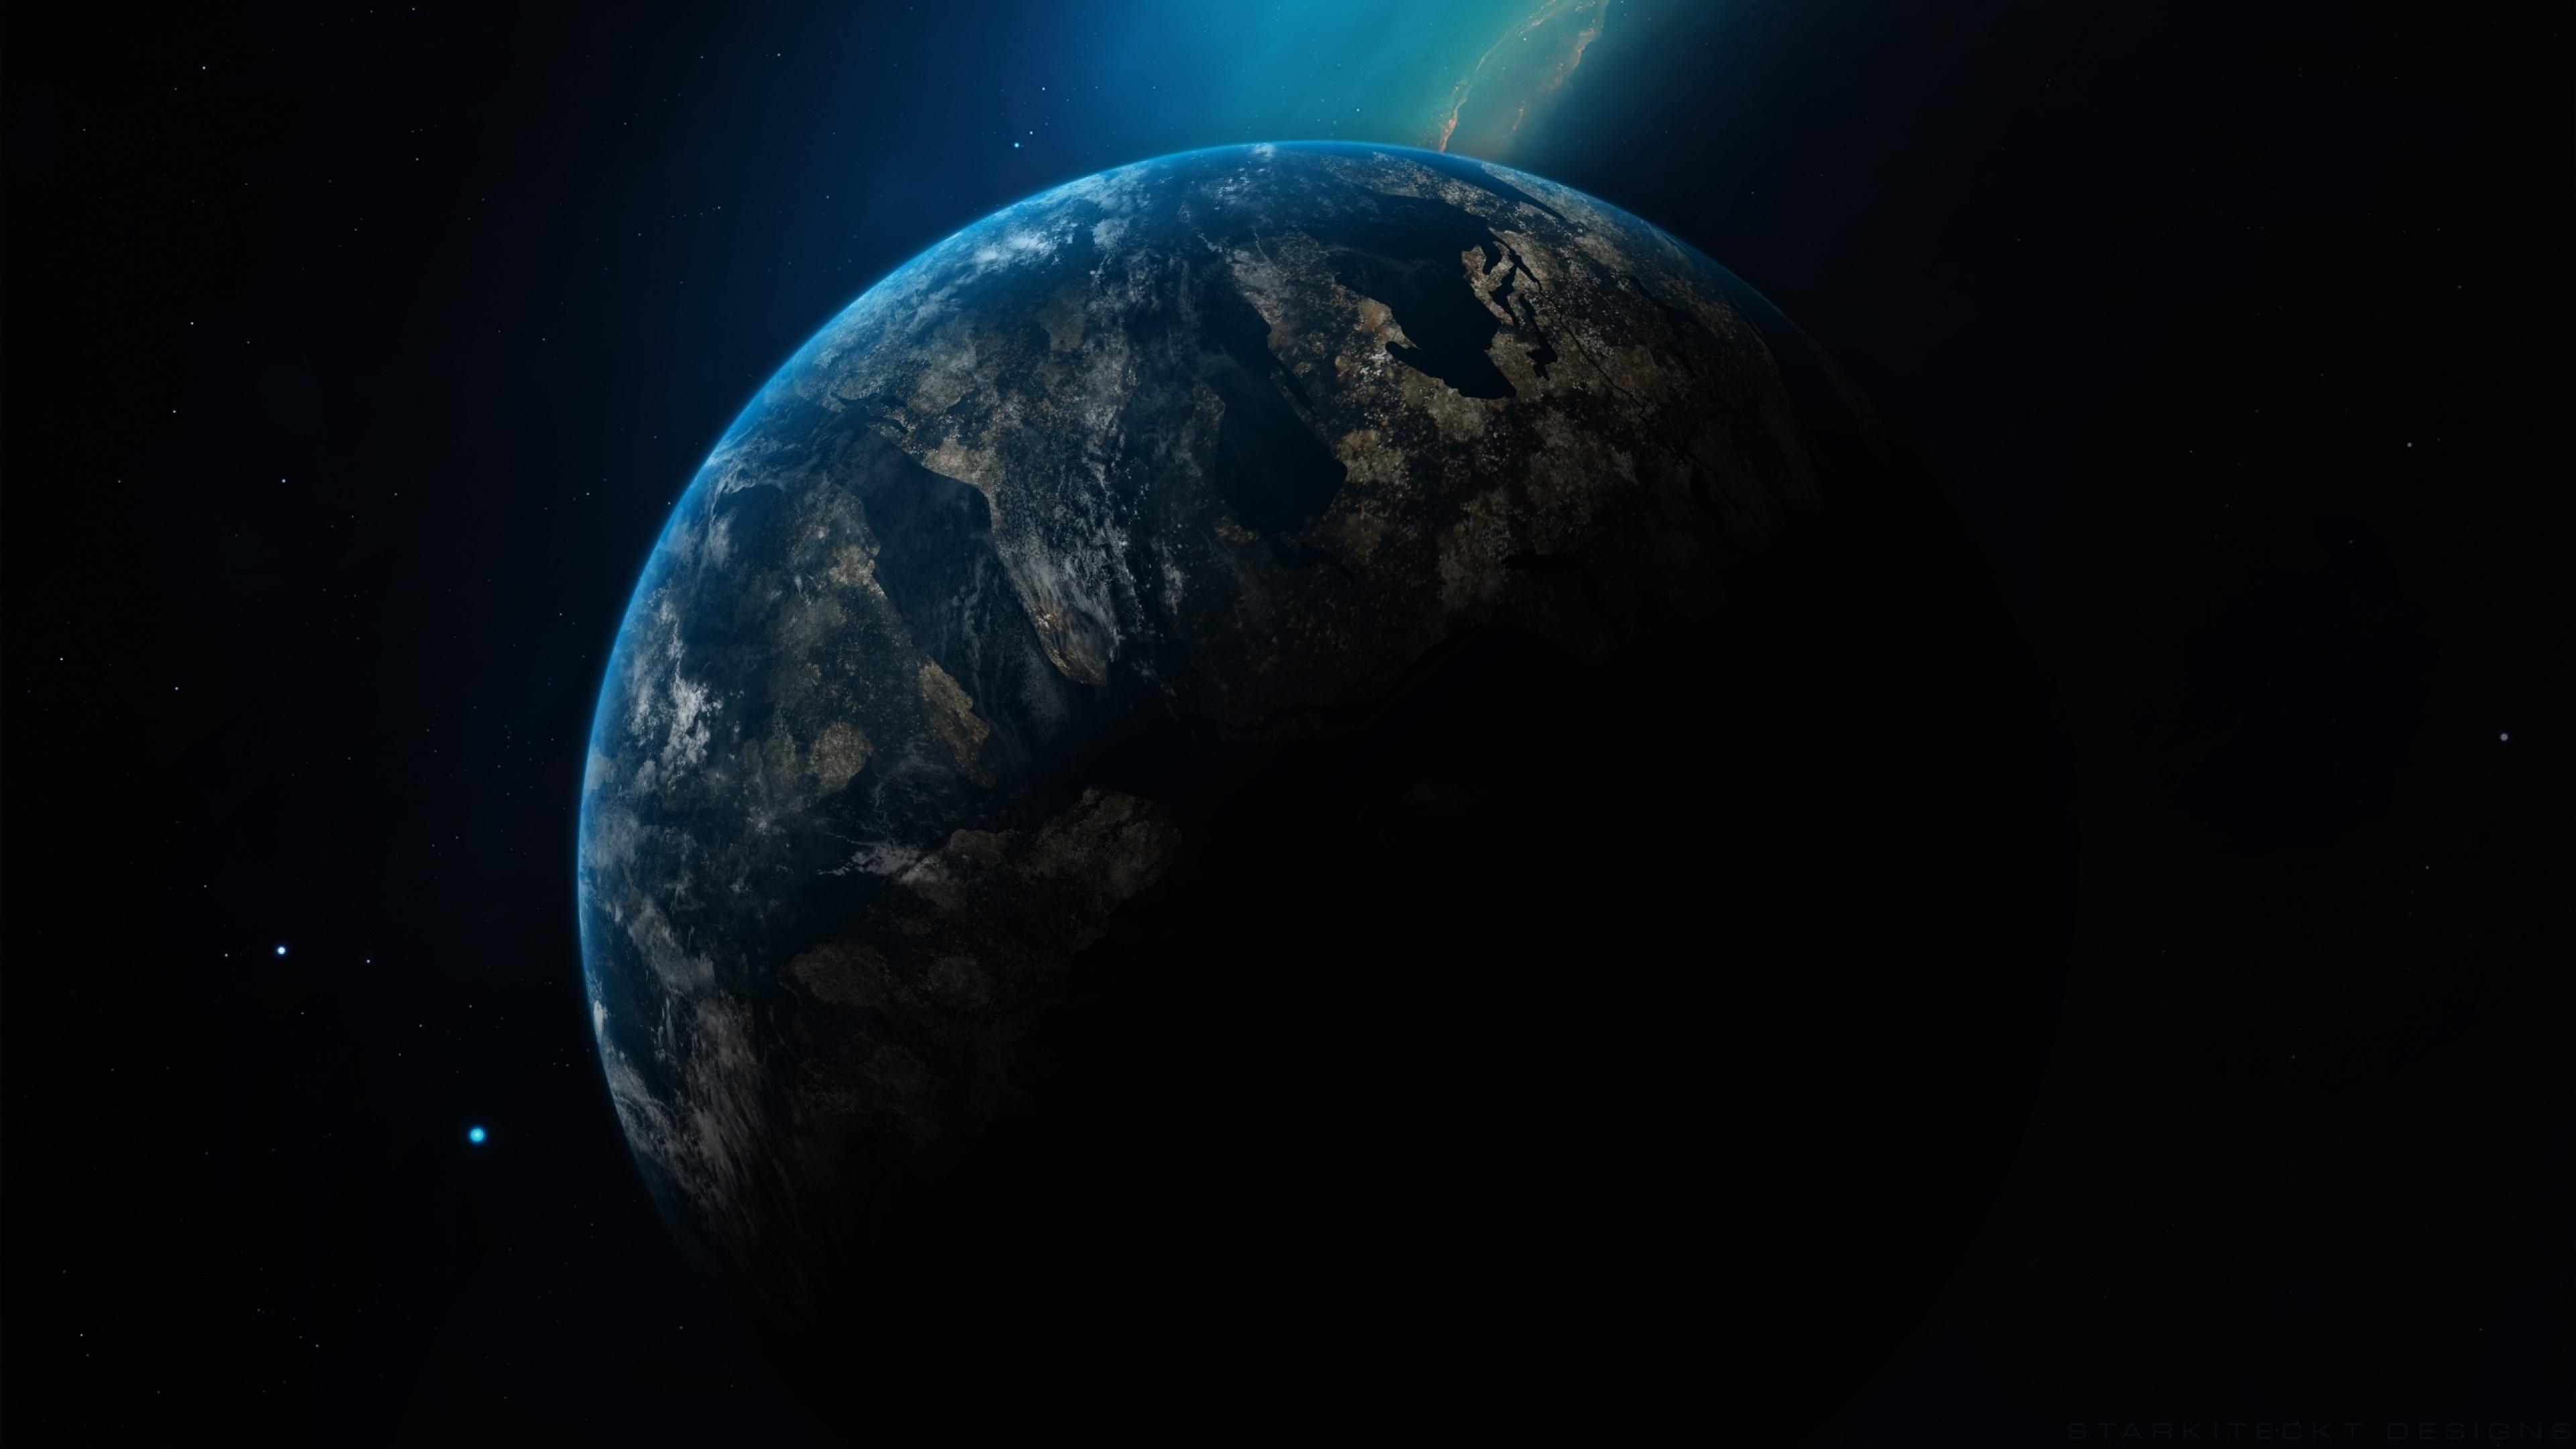 3840x2160 Planet Earth in Dark Universe 4K Wallpaper, HD ...